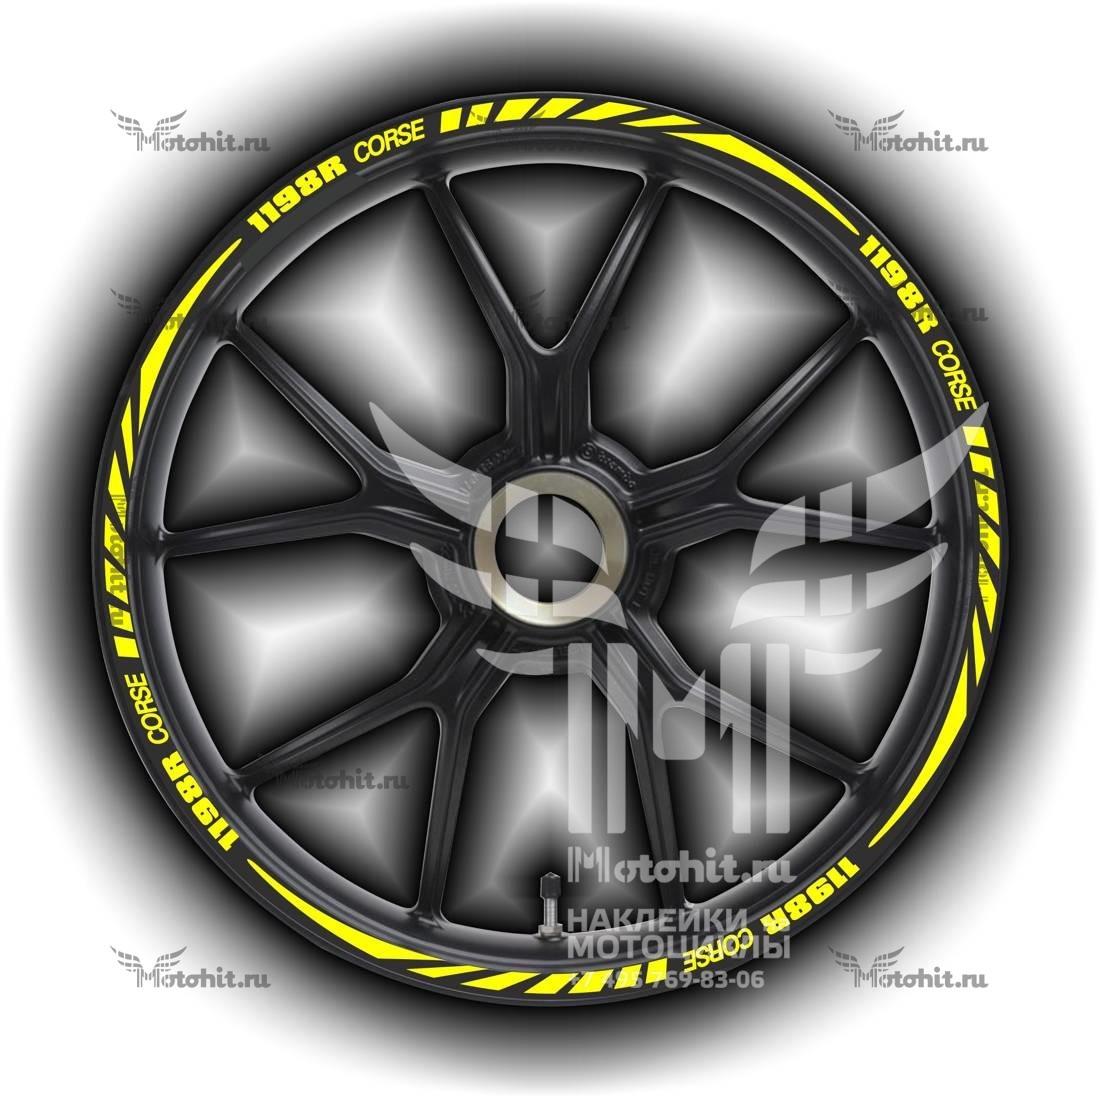 Комплект наклеек на обод колеса мотоцикла DUCATI 1198-R-CORSE